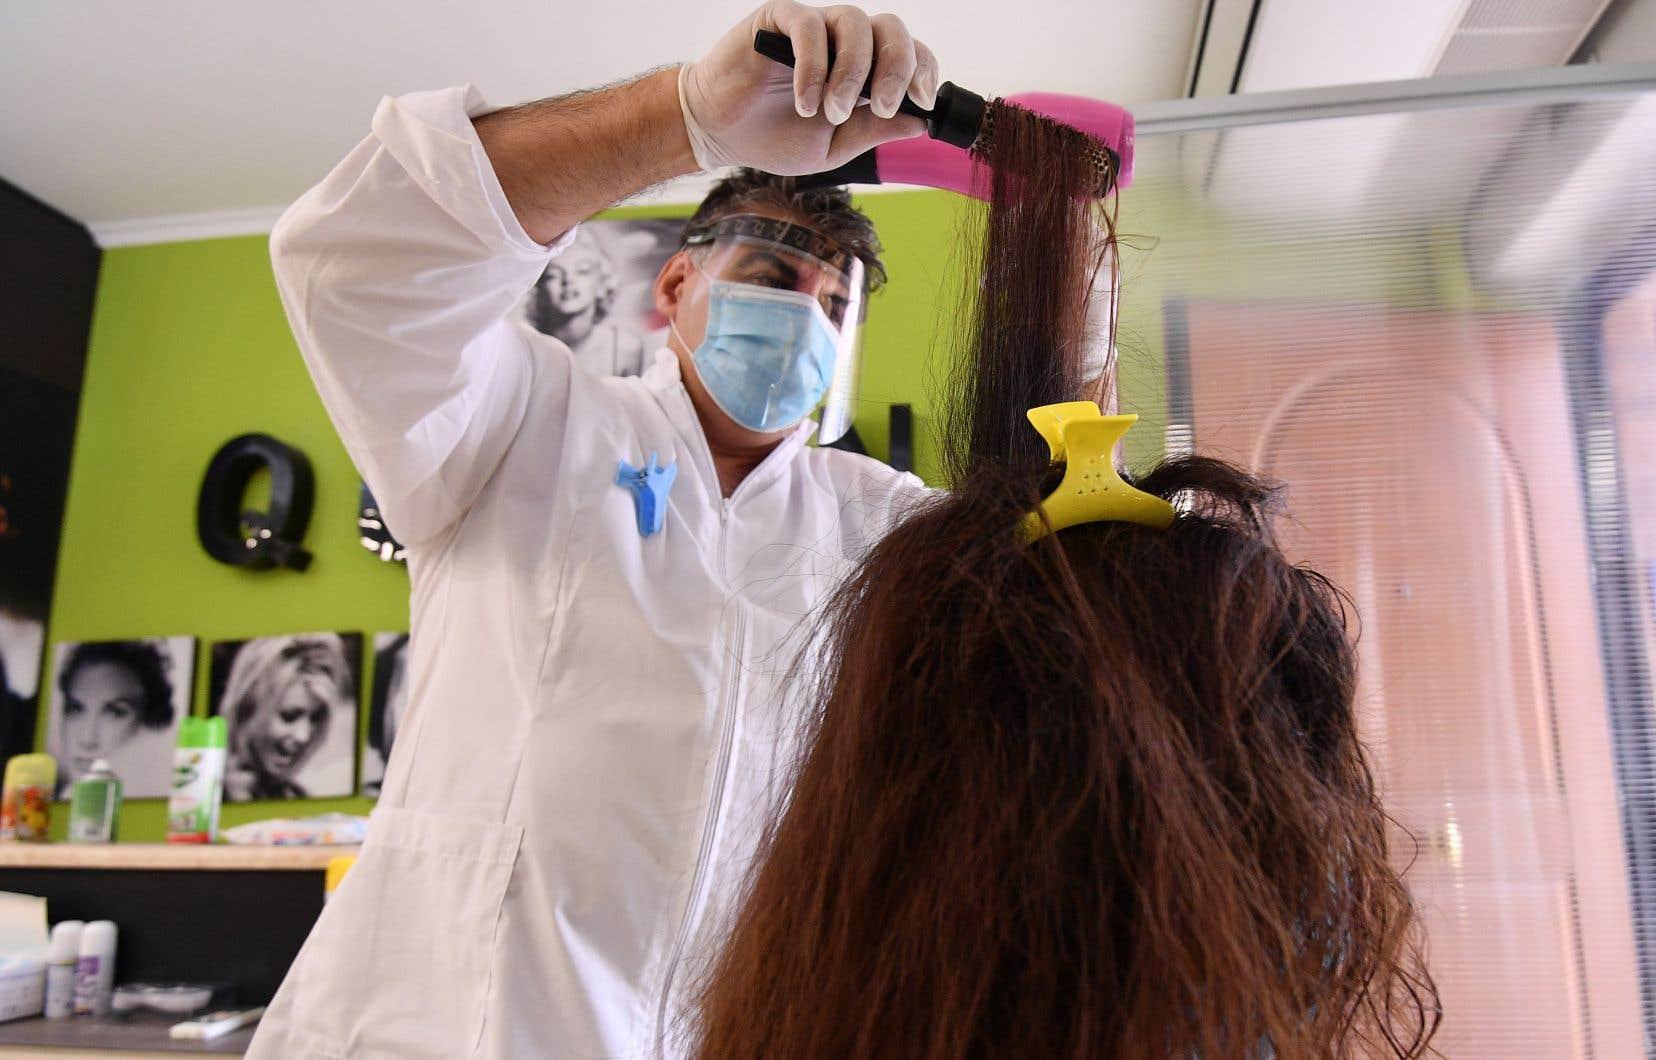 Les salons de coiffure, d'esthétique et de tatouage pourront aussi ouvrir le 1er juin, mais seulement à l'extérieur de la région de Montréal.